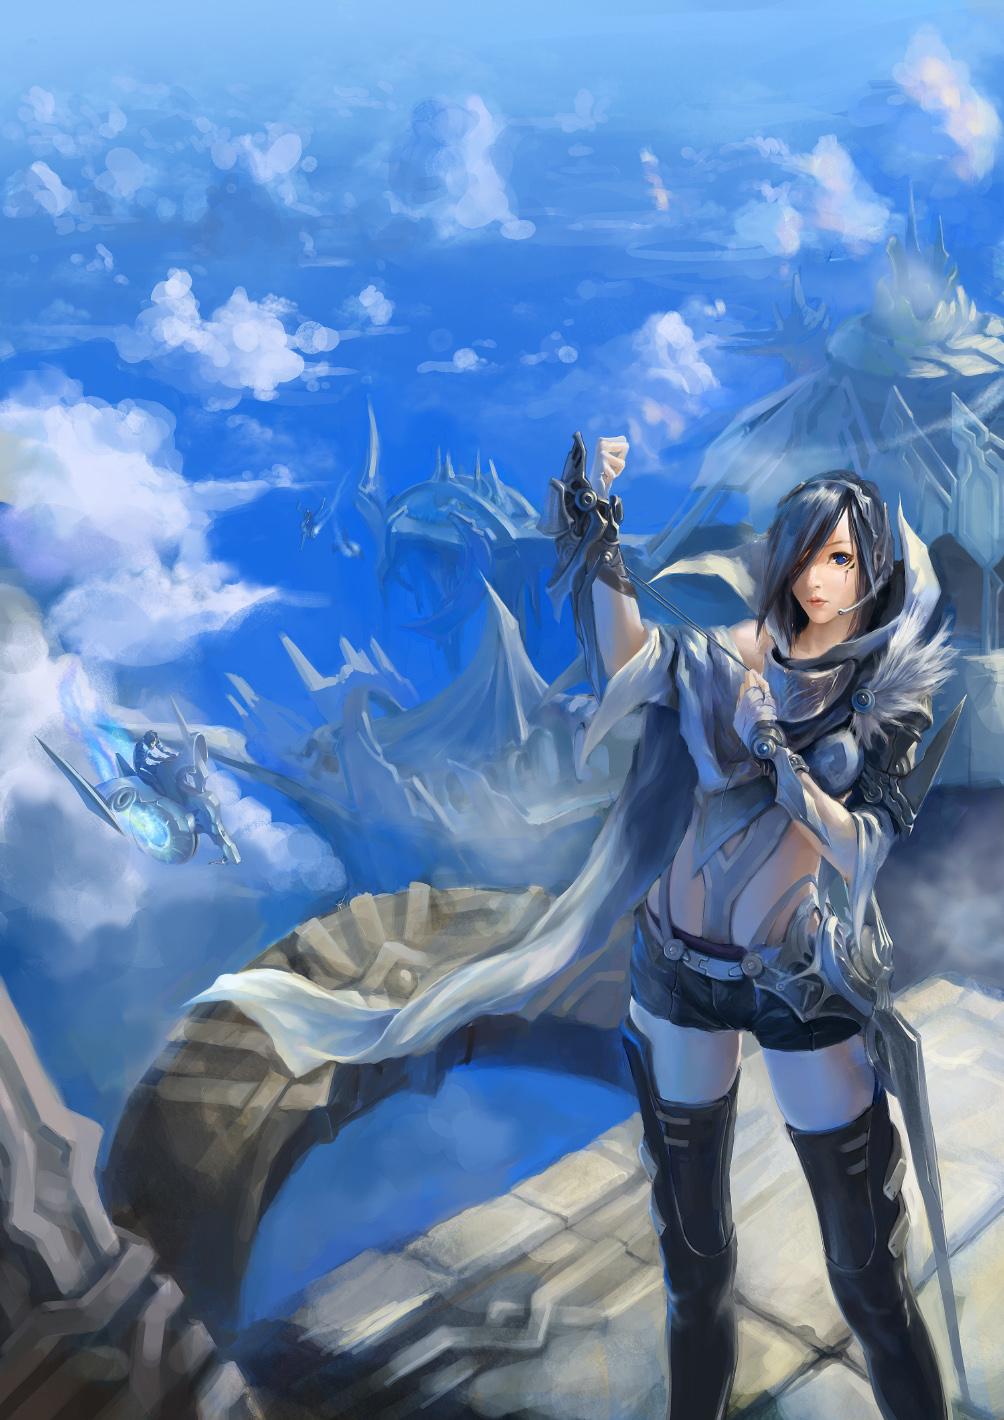 我个人很喜欢最终幻想系列和宫崎骏的天空之城,所以一直想画图片